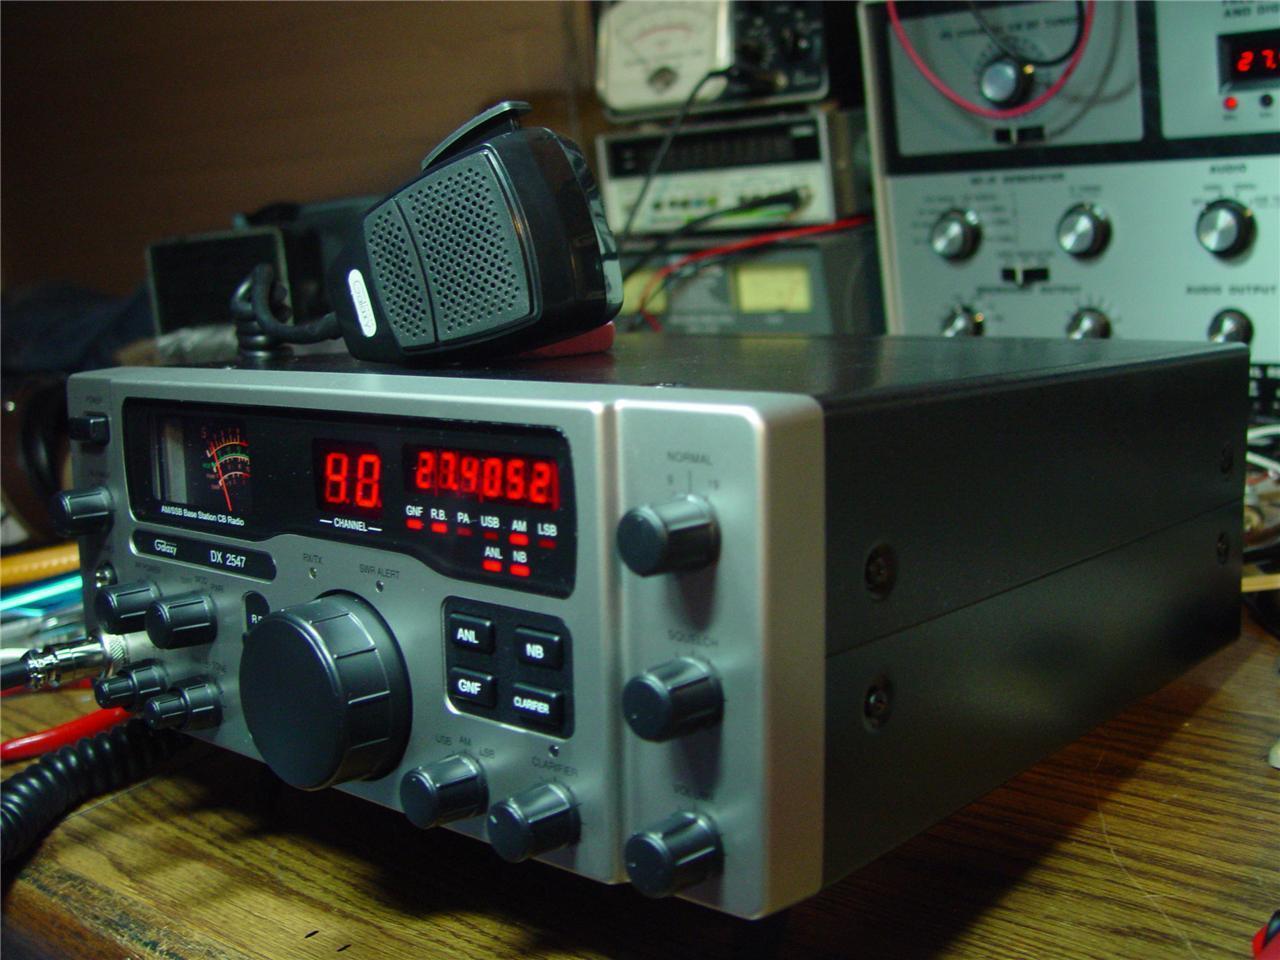 skywalker_radios GALAXY DX 2547,40 CH CB RADIO,TUNED/POWERFUL!!  ((SKIP TALKING^^^SKY WALKER))